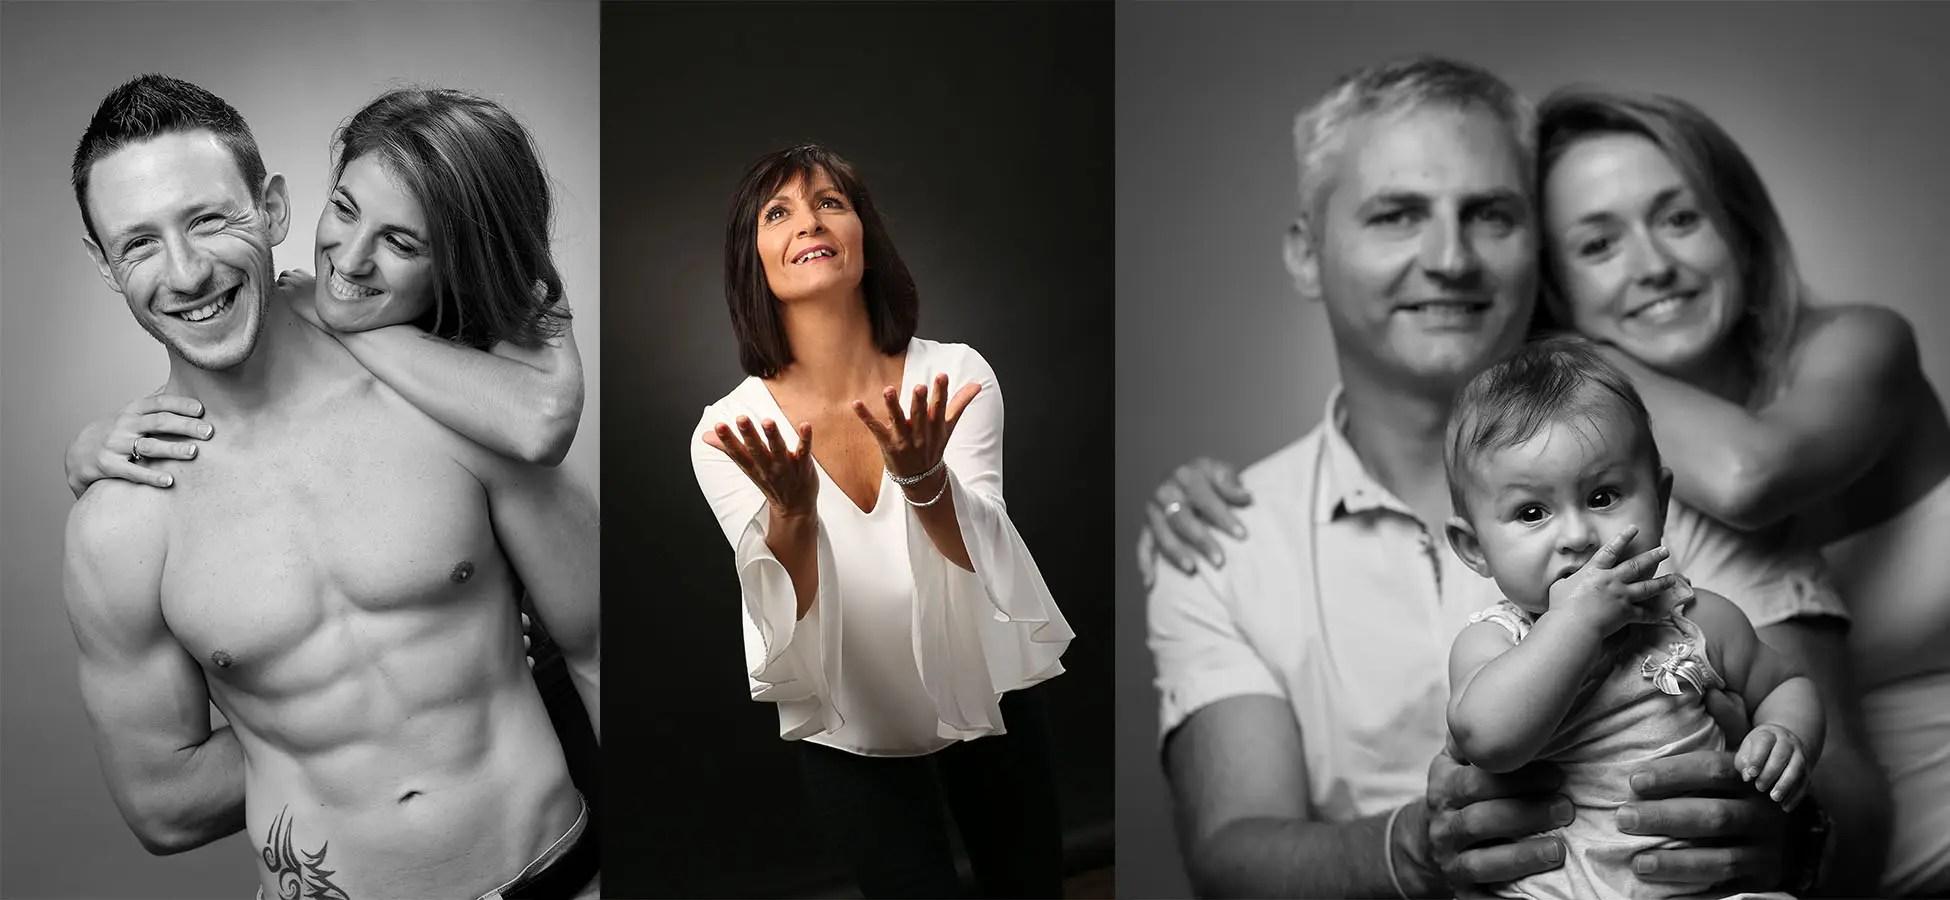 Photographe Grenoble : Triptyque de photos en Studio sur l'Isère